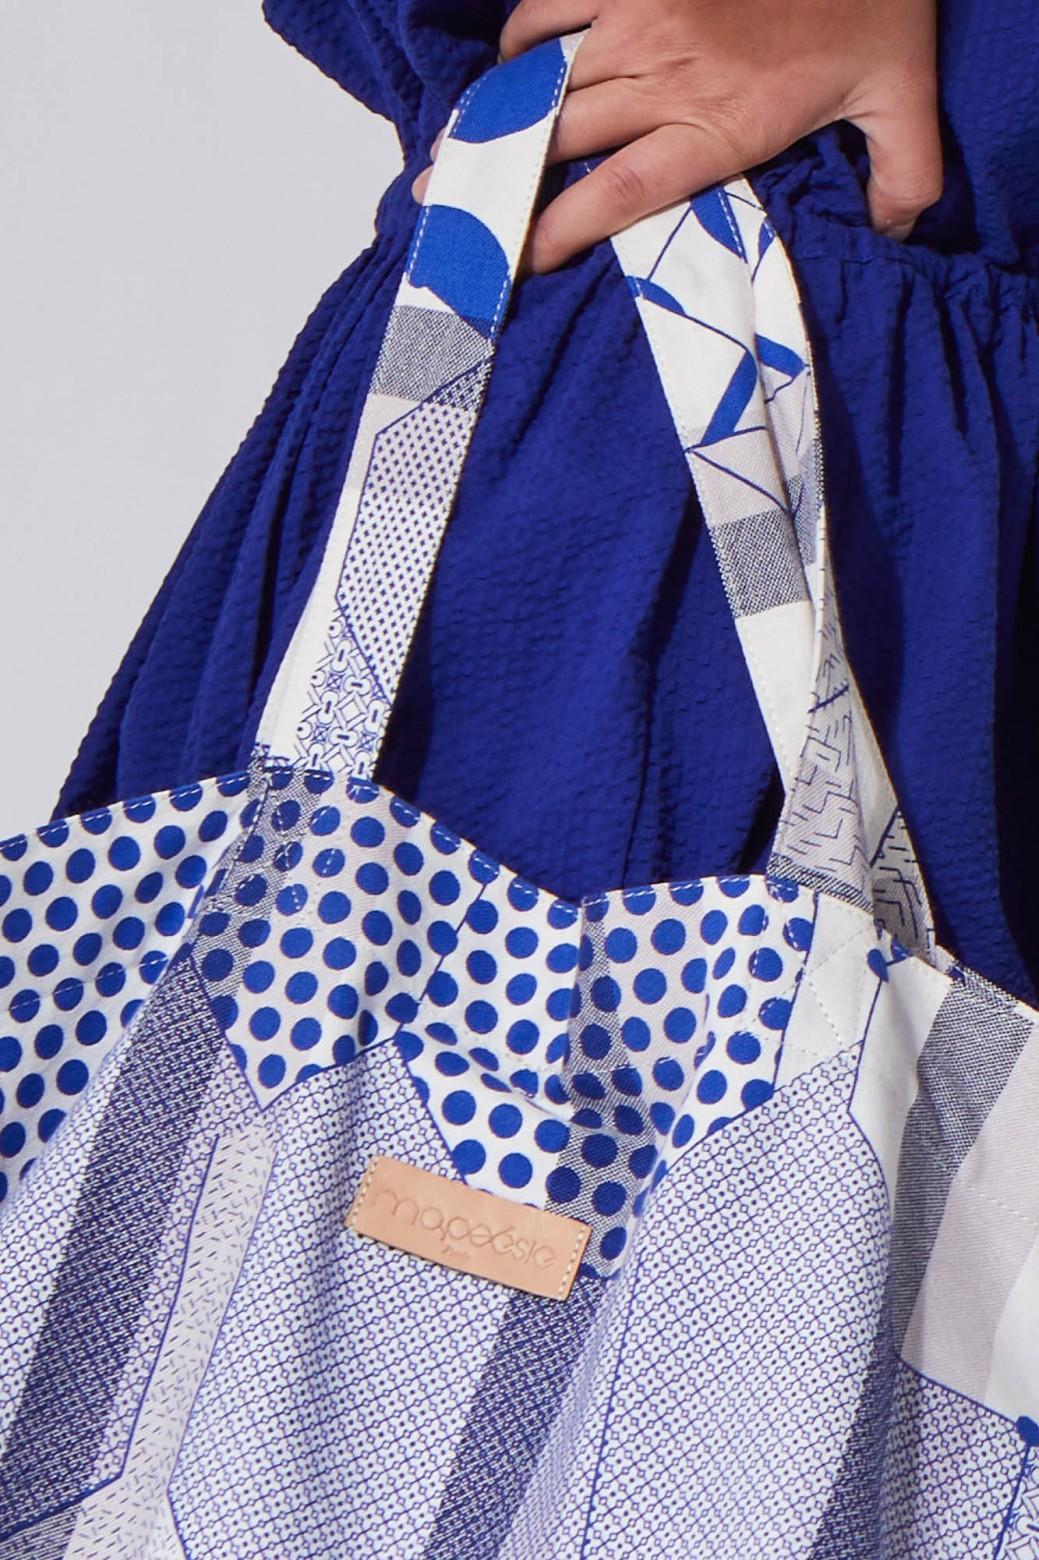 Miroir Blue Soft Bag